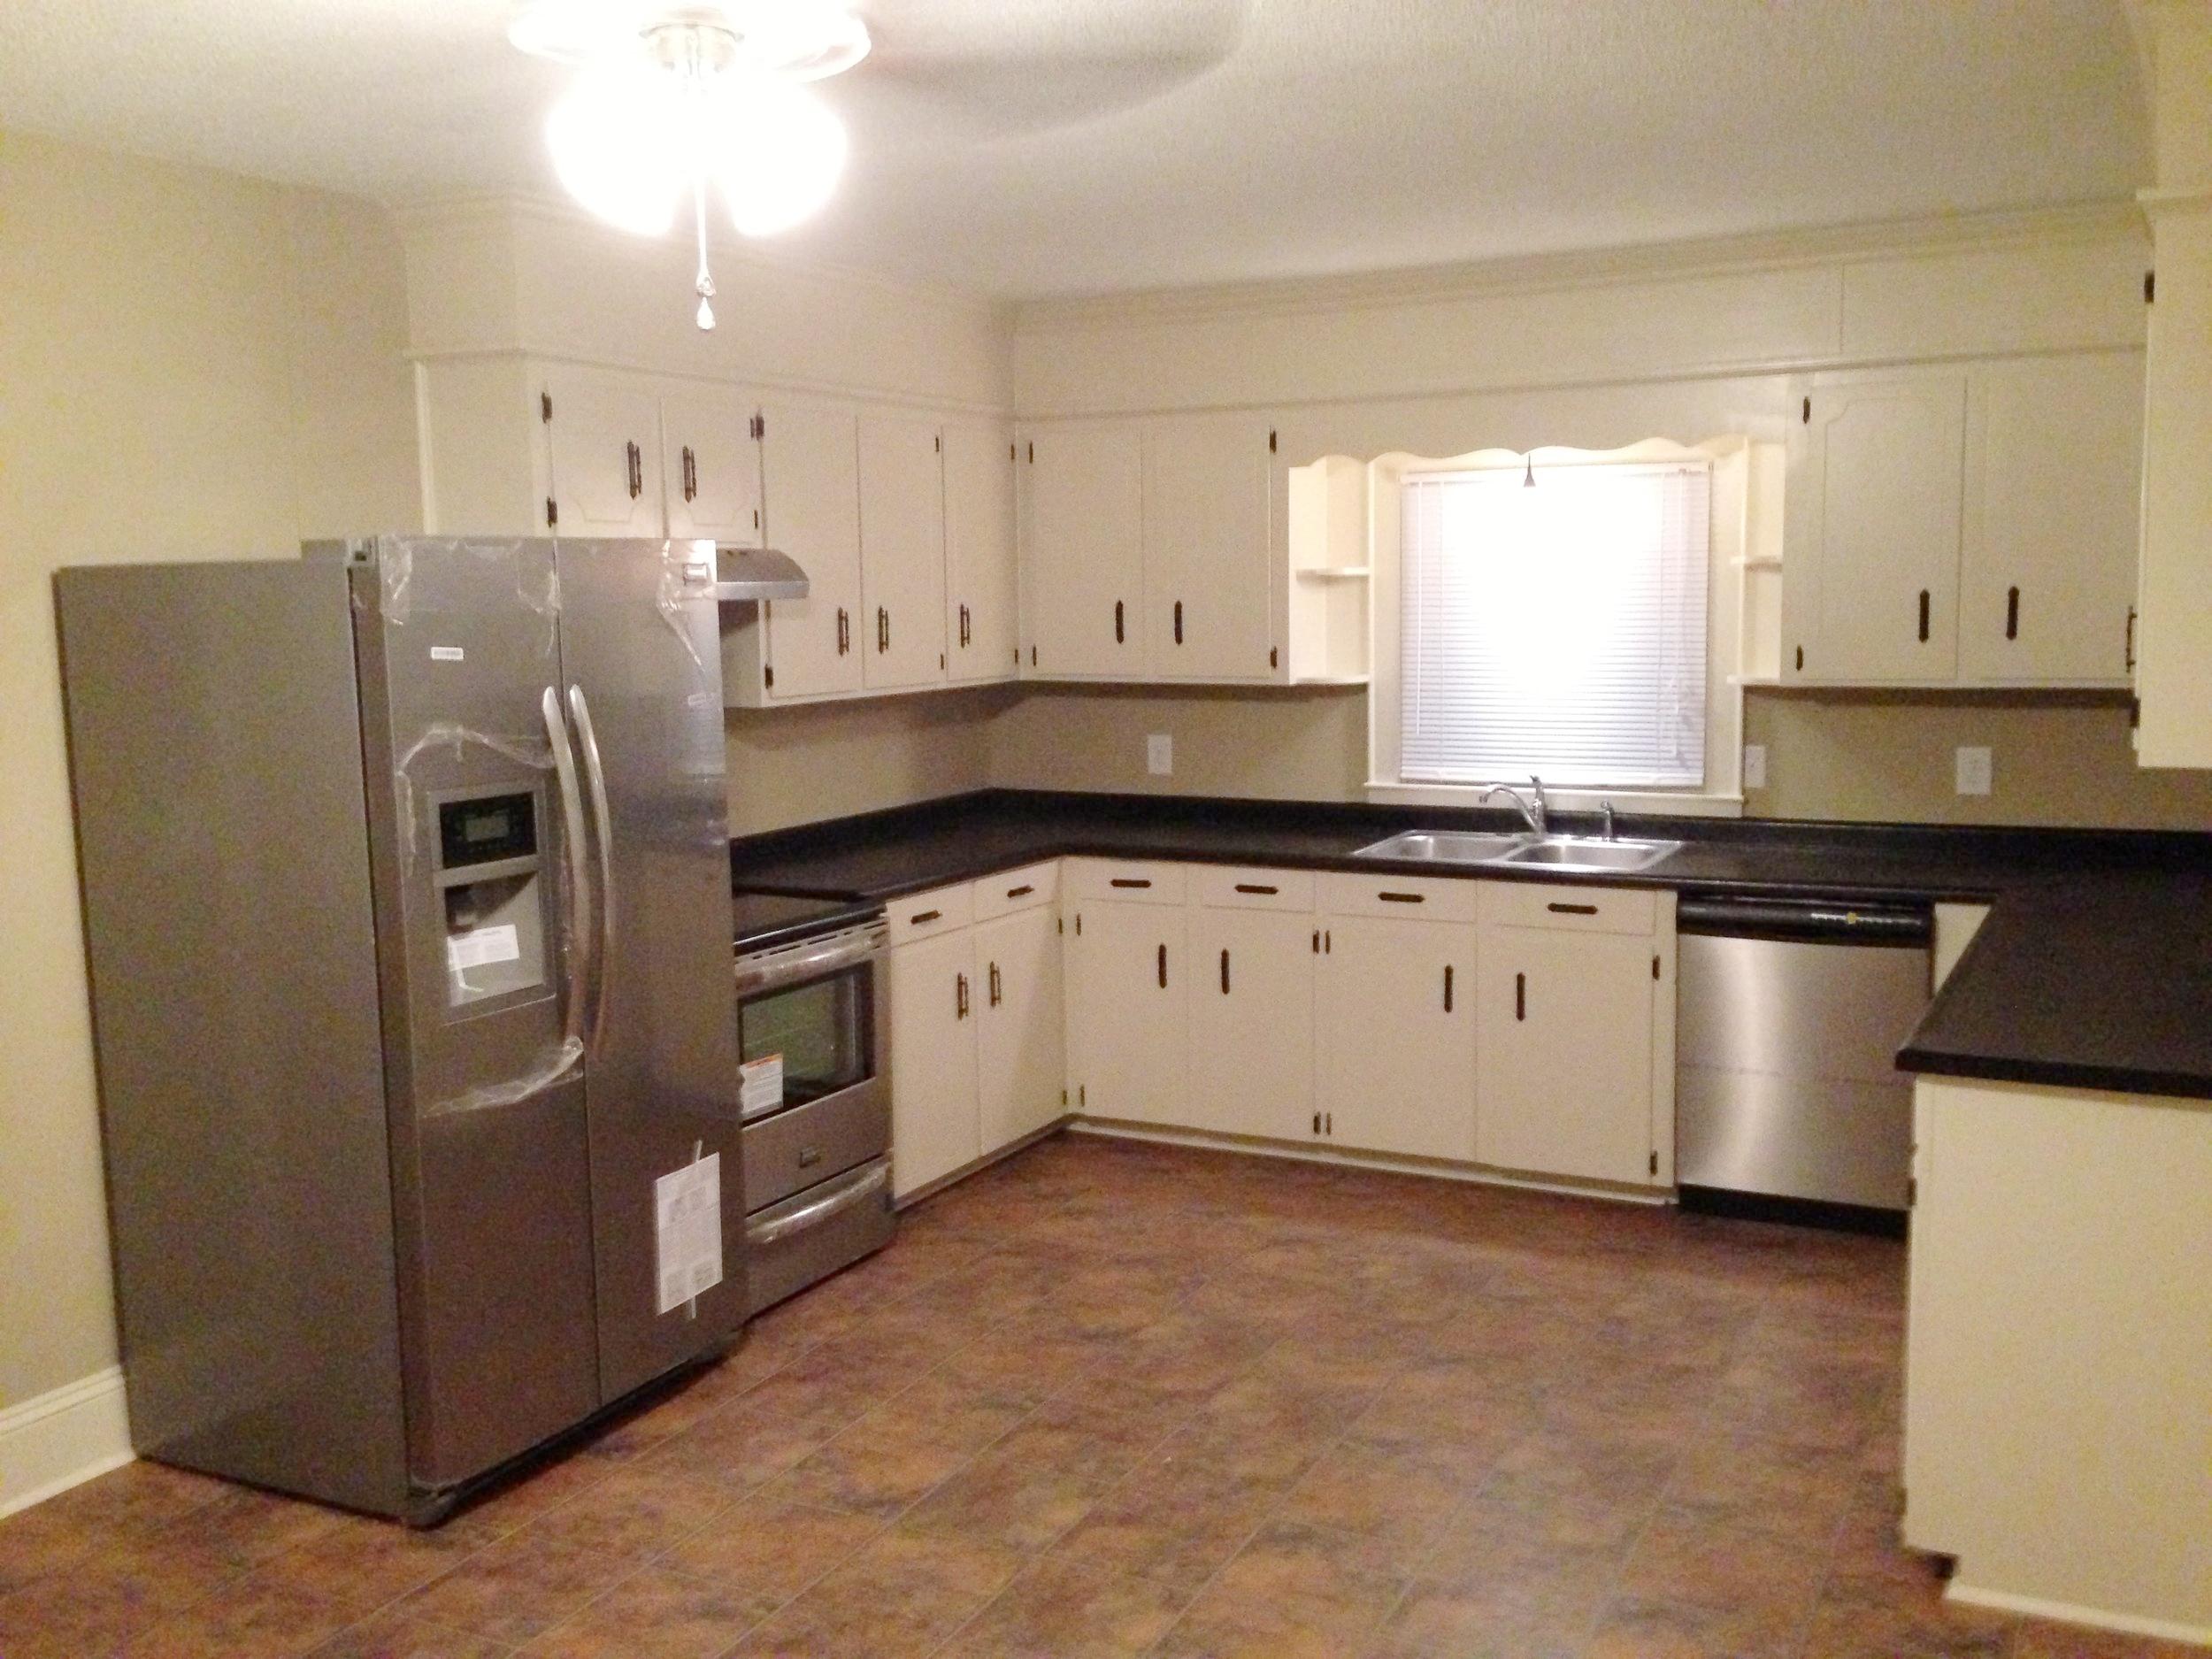 Big house kitchen.jpg